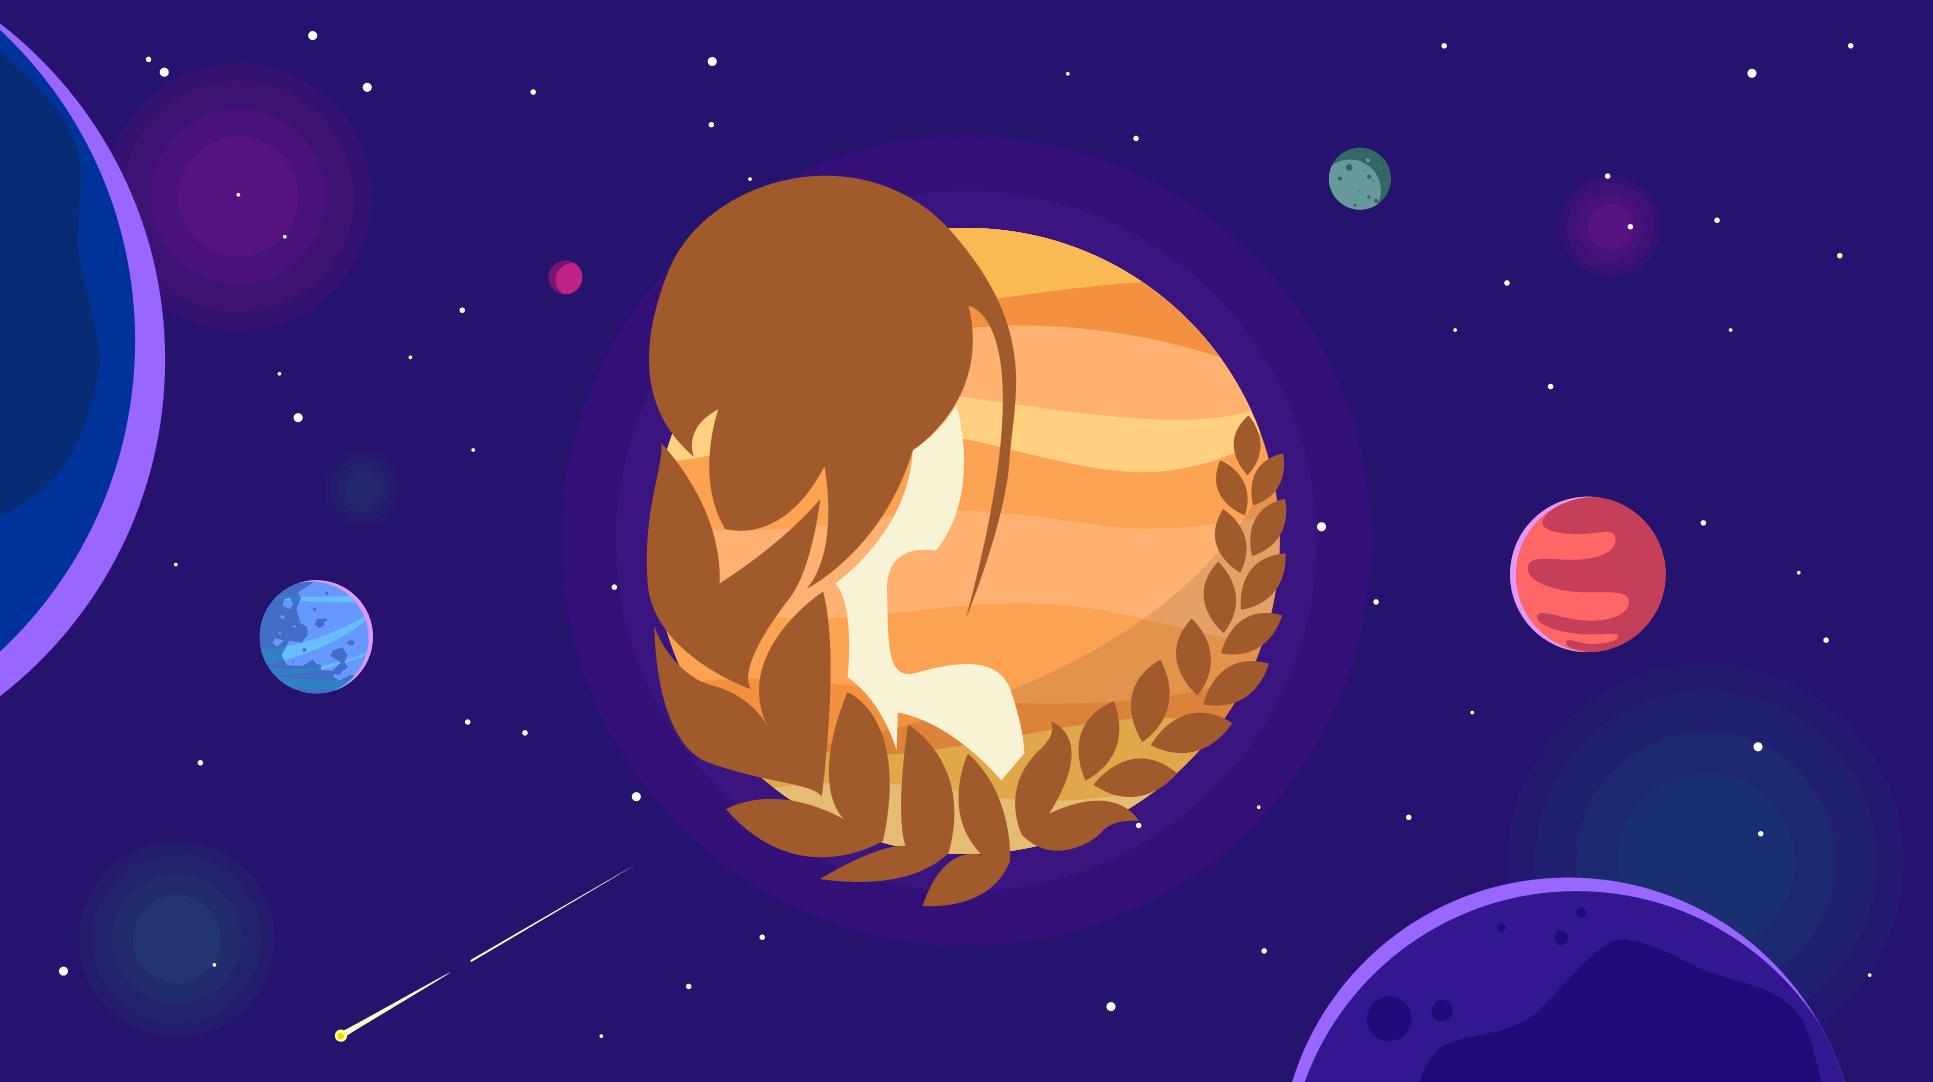 Jupiter in zodia Fecioara